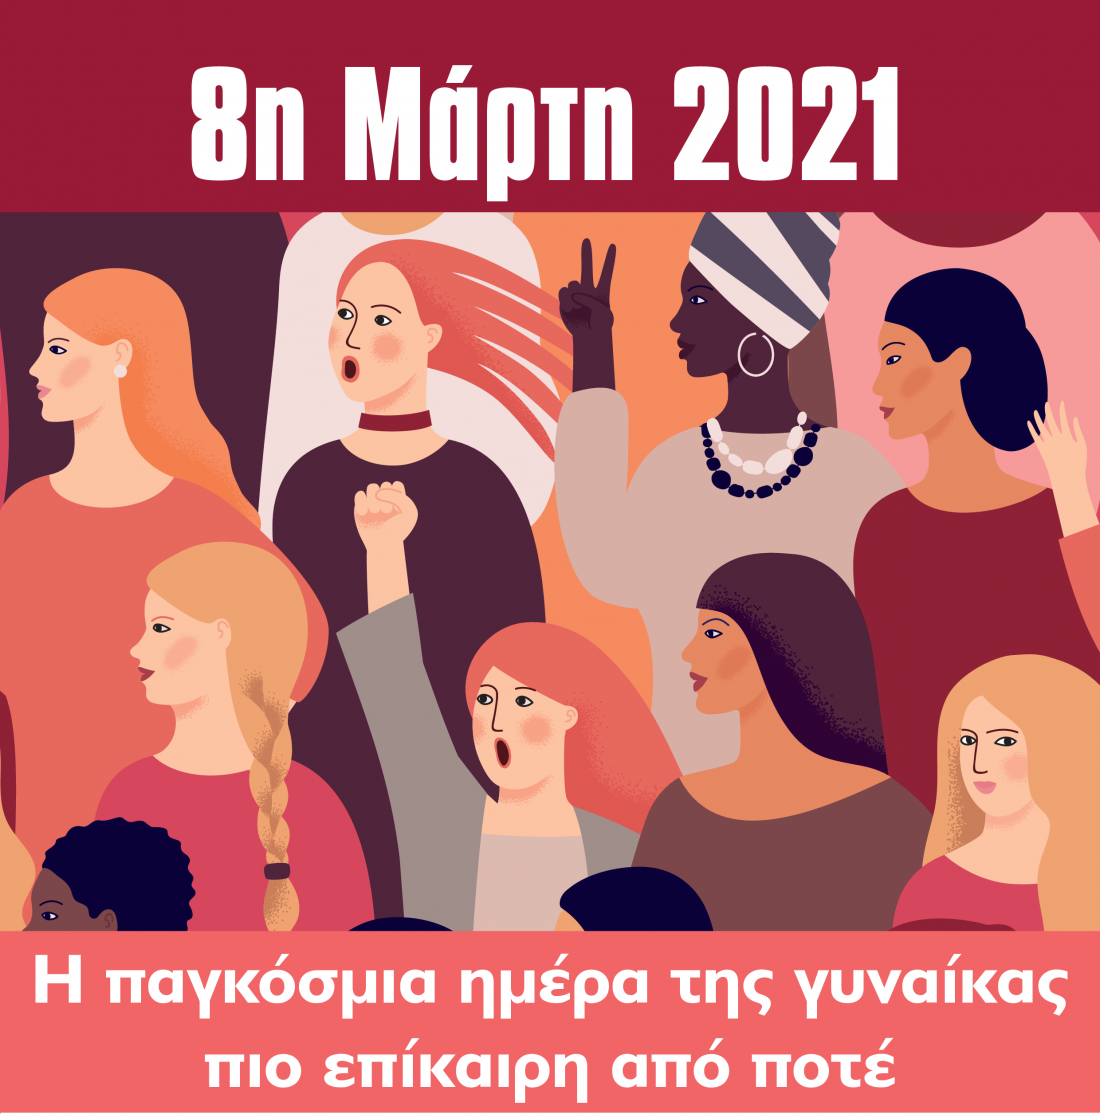 «Ενώνουμε δυνάμεις για πραγματική ισότητα» το μήνυμα της ΑΔΕΔΥ